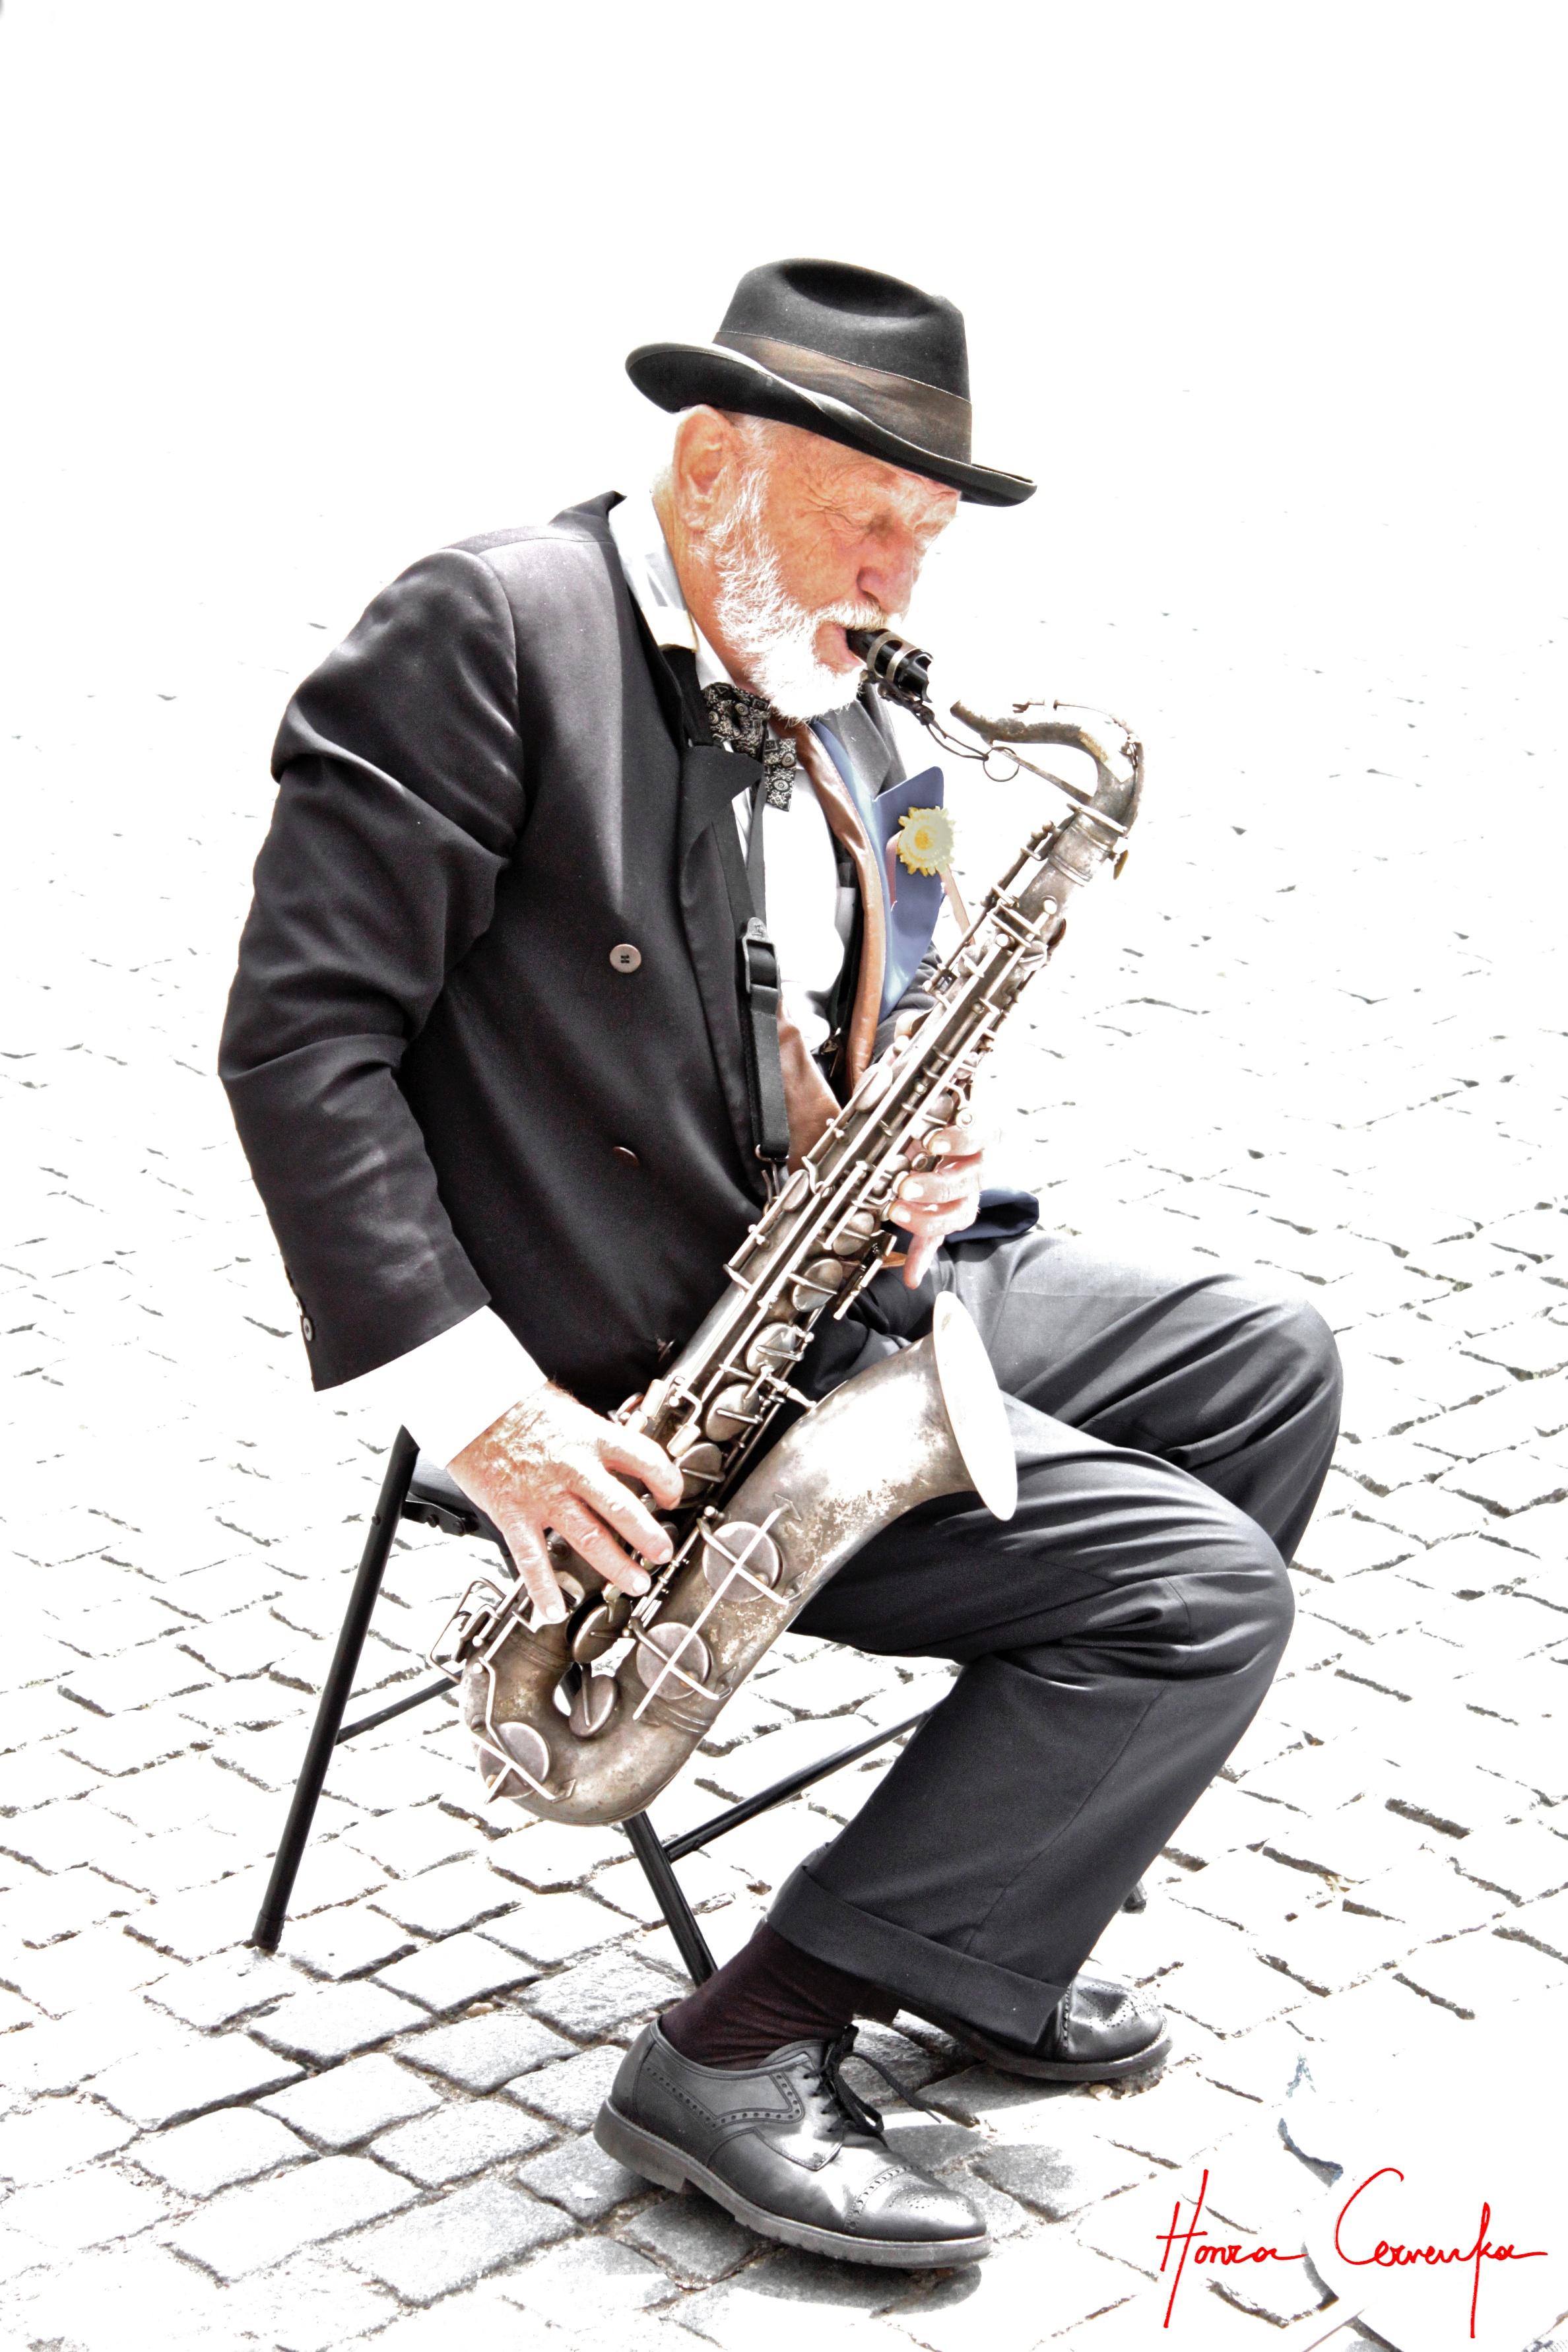 Prague, the Czech Republic, 2010